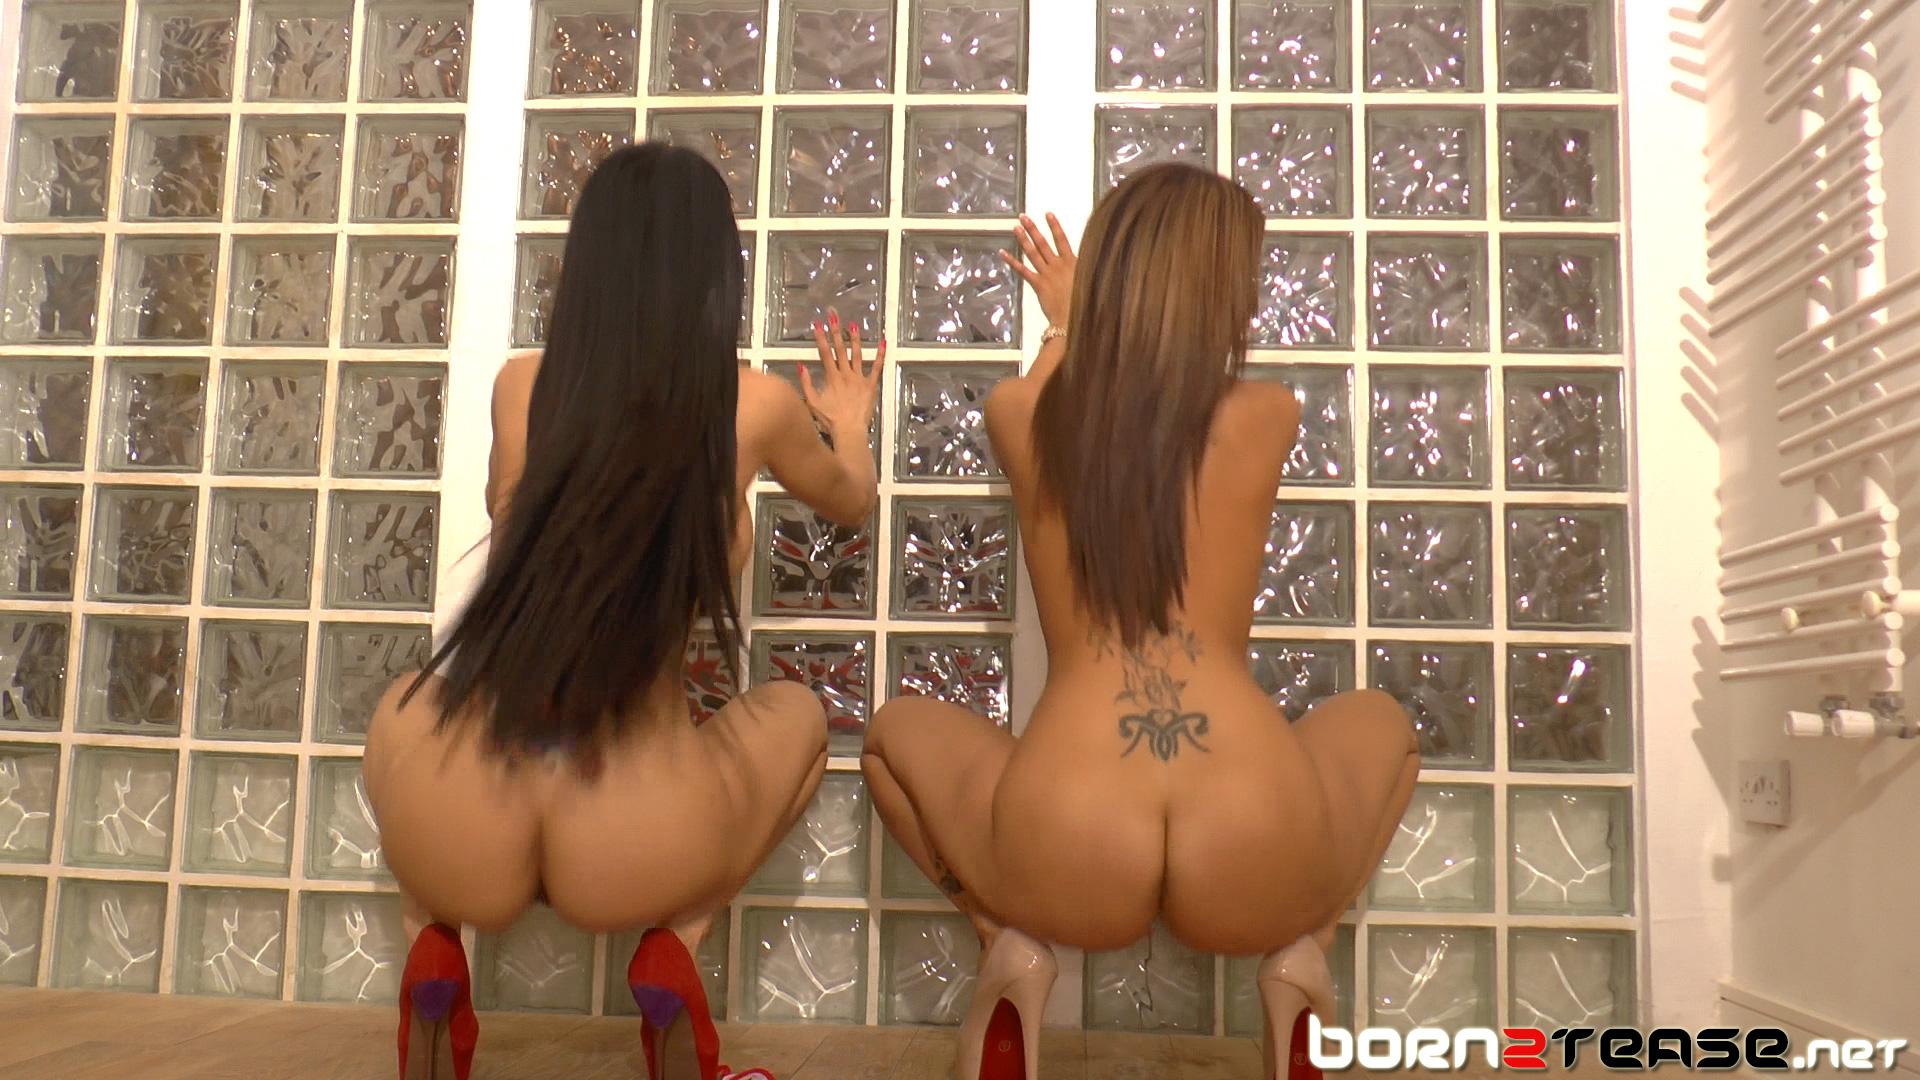 Twins Preeti and Priya Young Naughty Nurses Nude Hi-Def ...